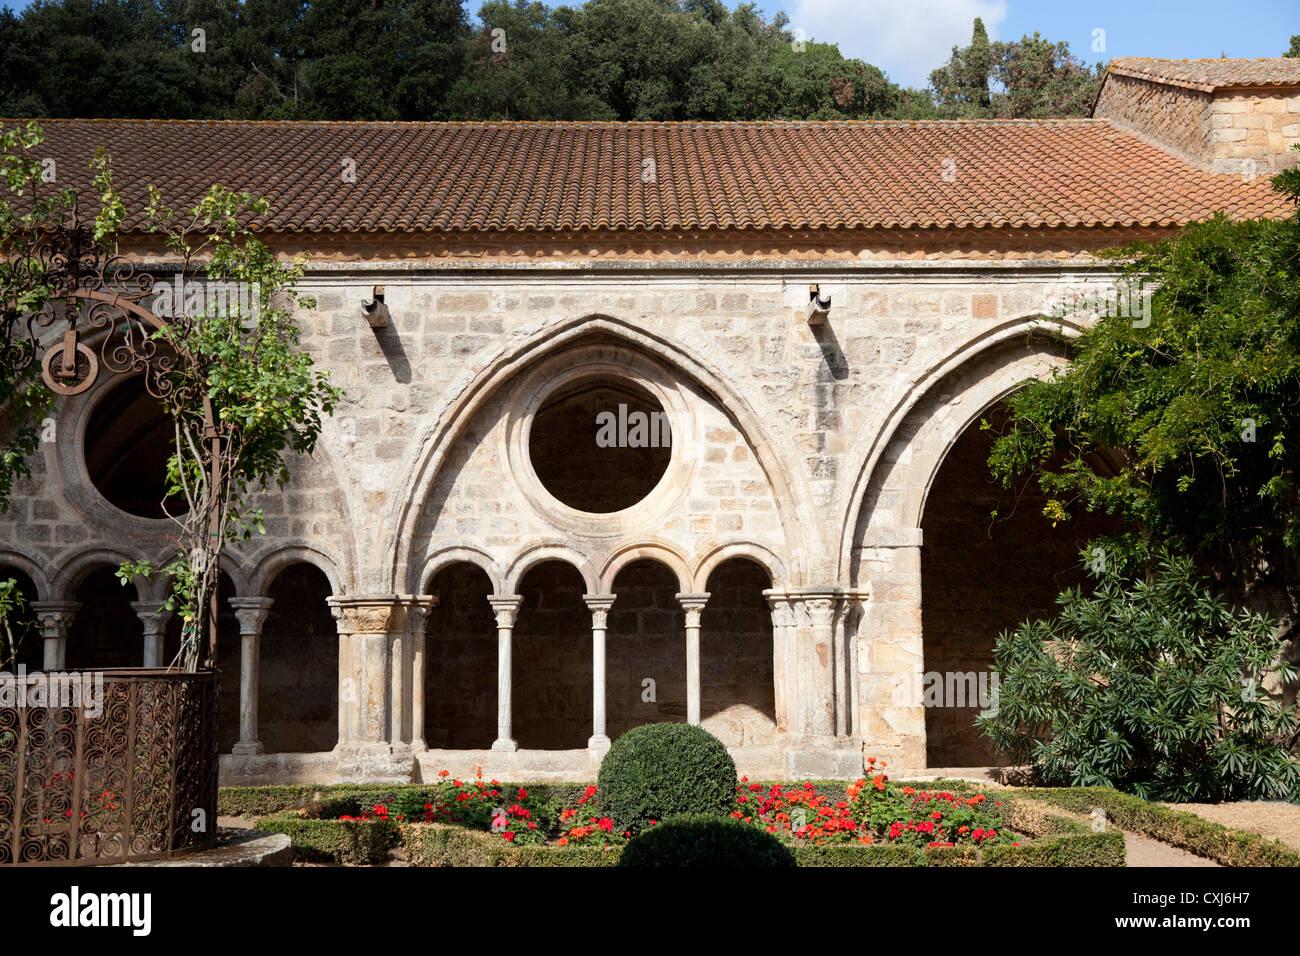 The cloister of the Cistercian Abbey of Fontfroide (Aude - France). Le cloître de l'Abbaye Cistercienne de Fontfroide Stock Photo